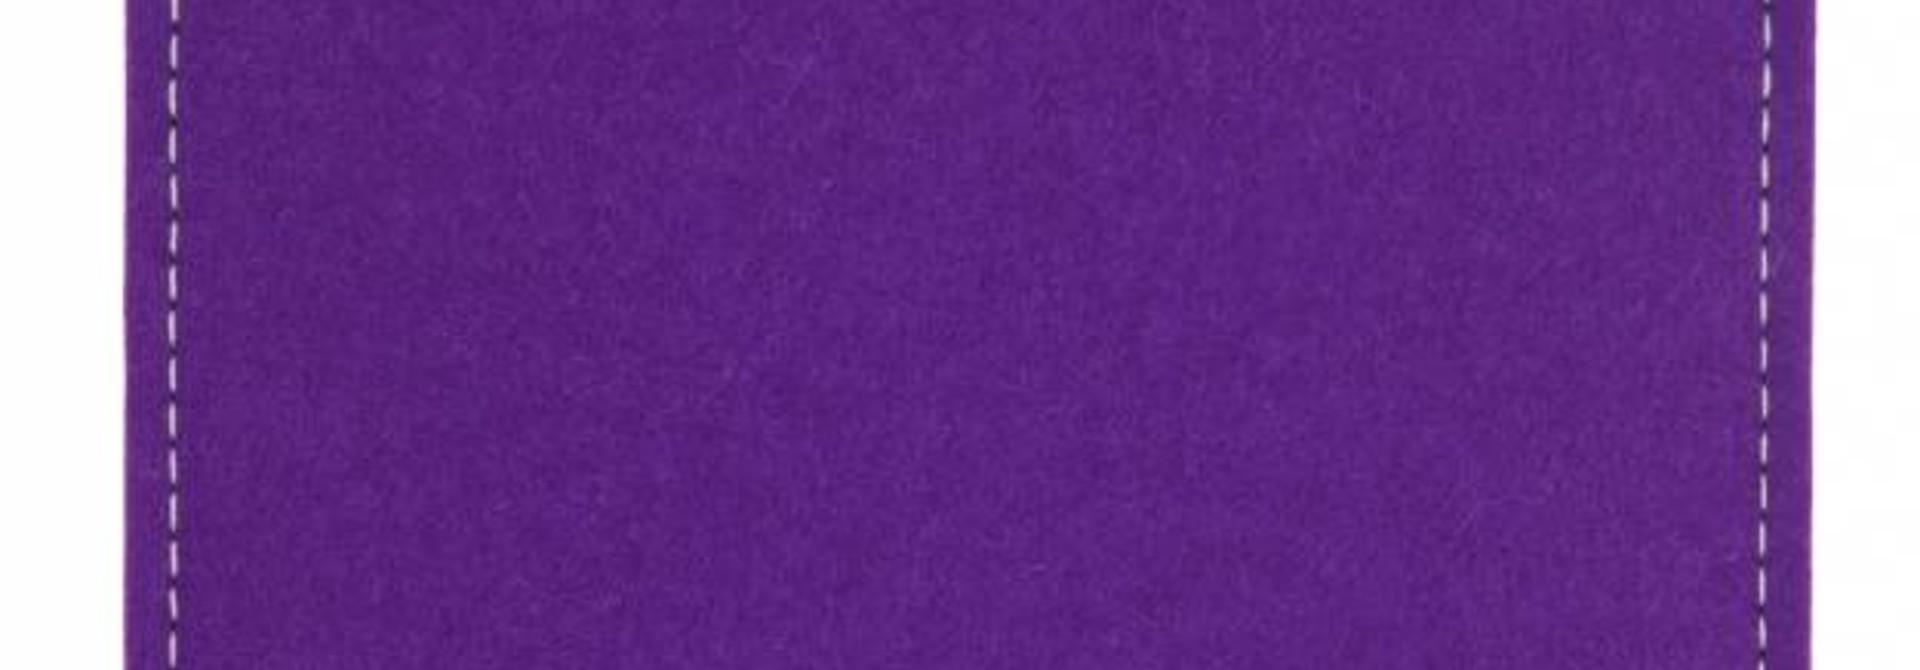 Tab Sleeve Purple